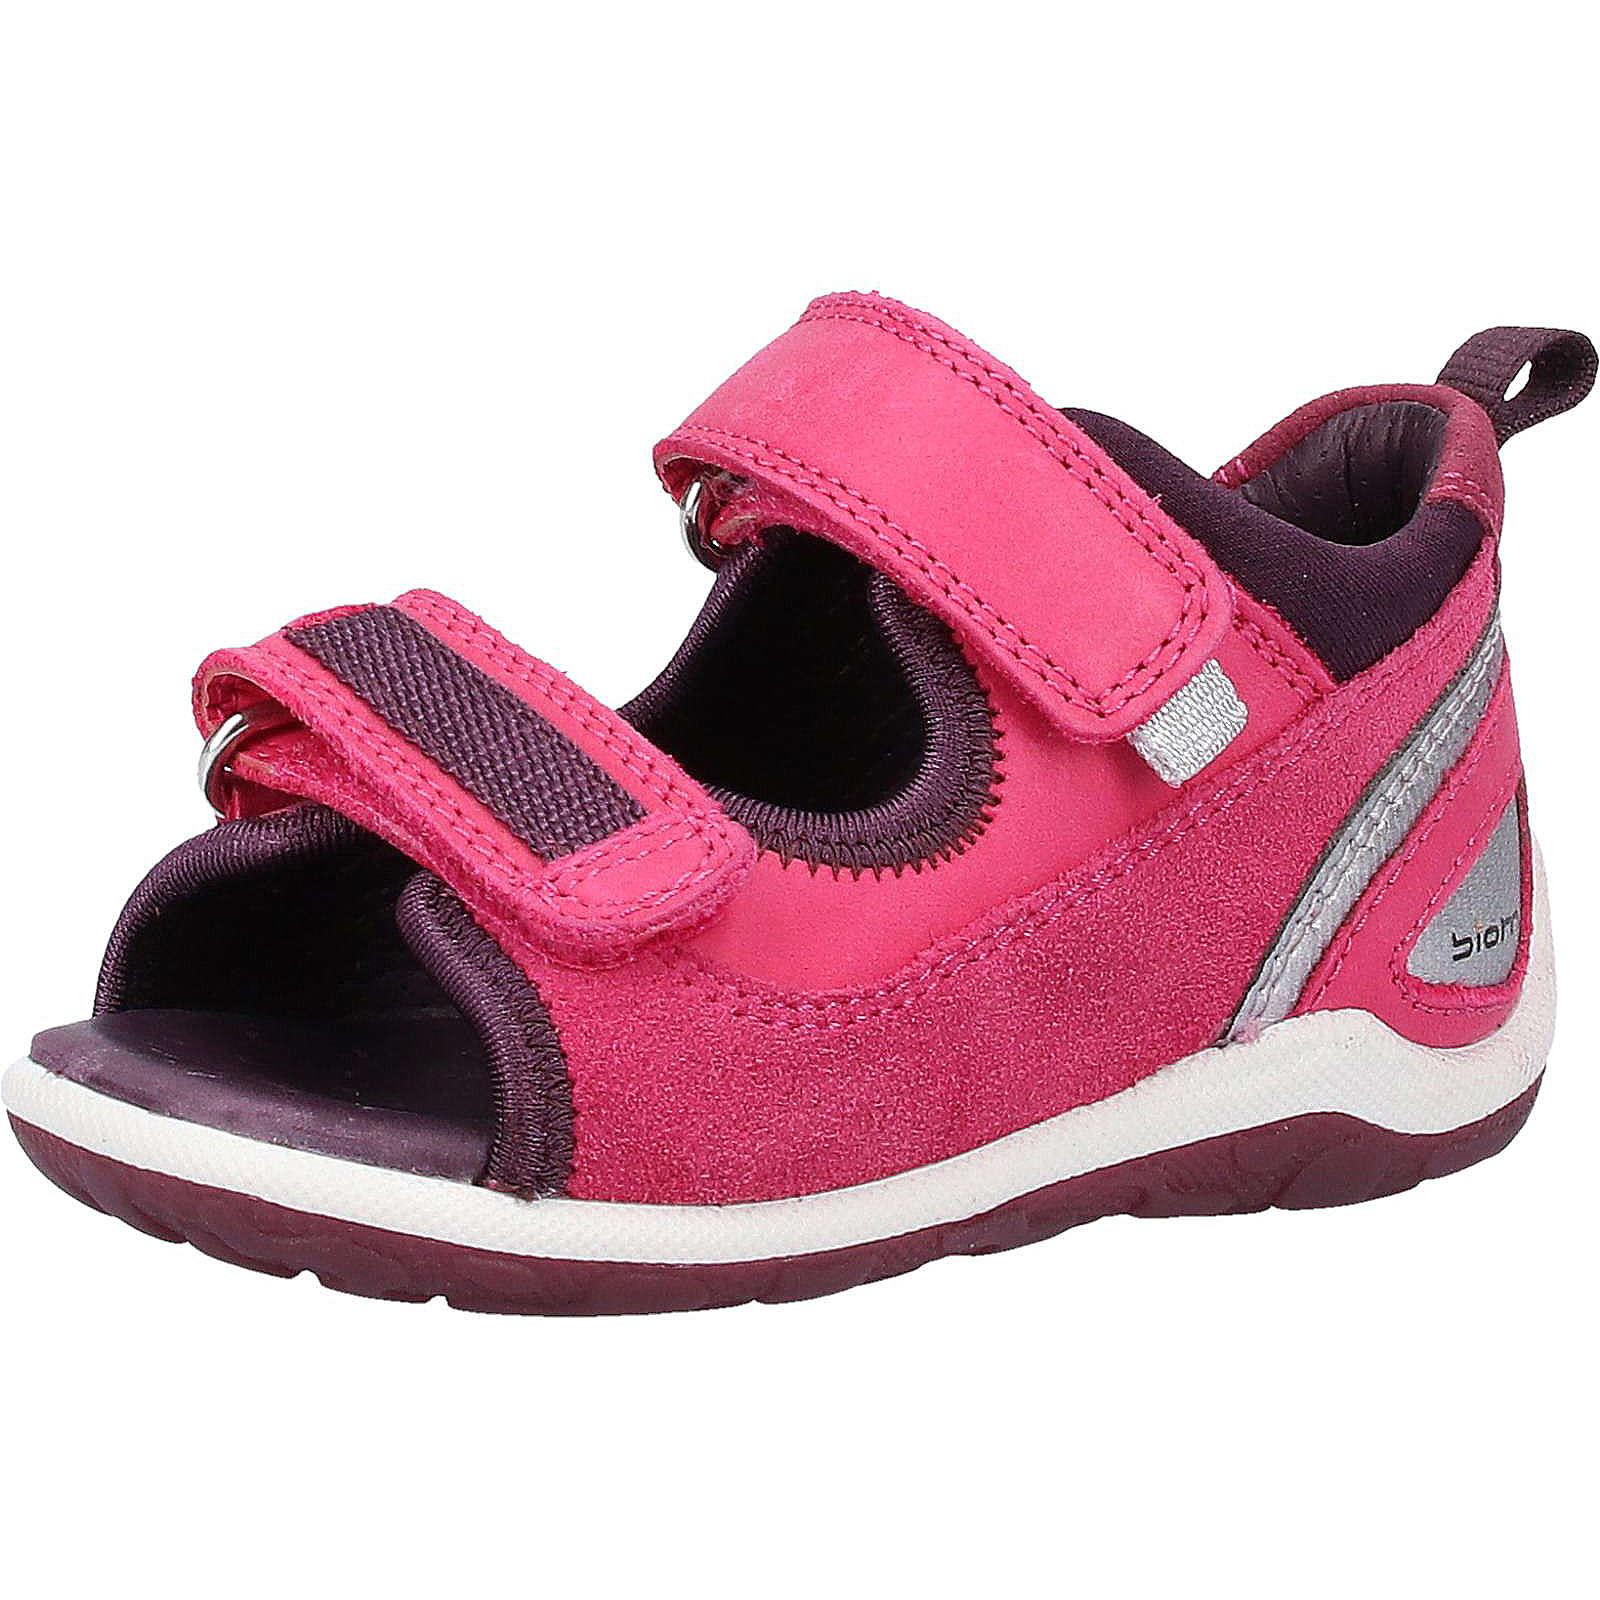 ecco Sandalen für Mädchen pink Mädchen Gr. 20